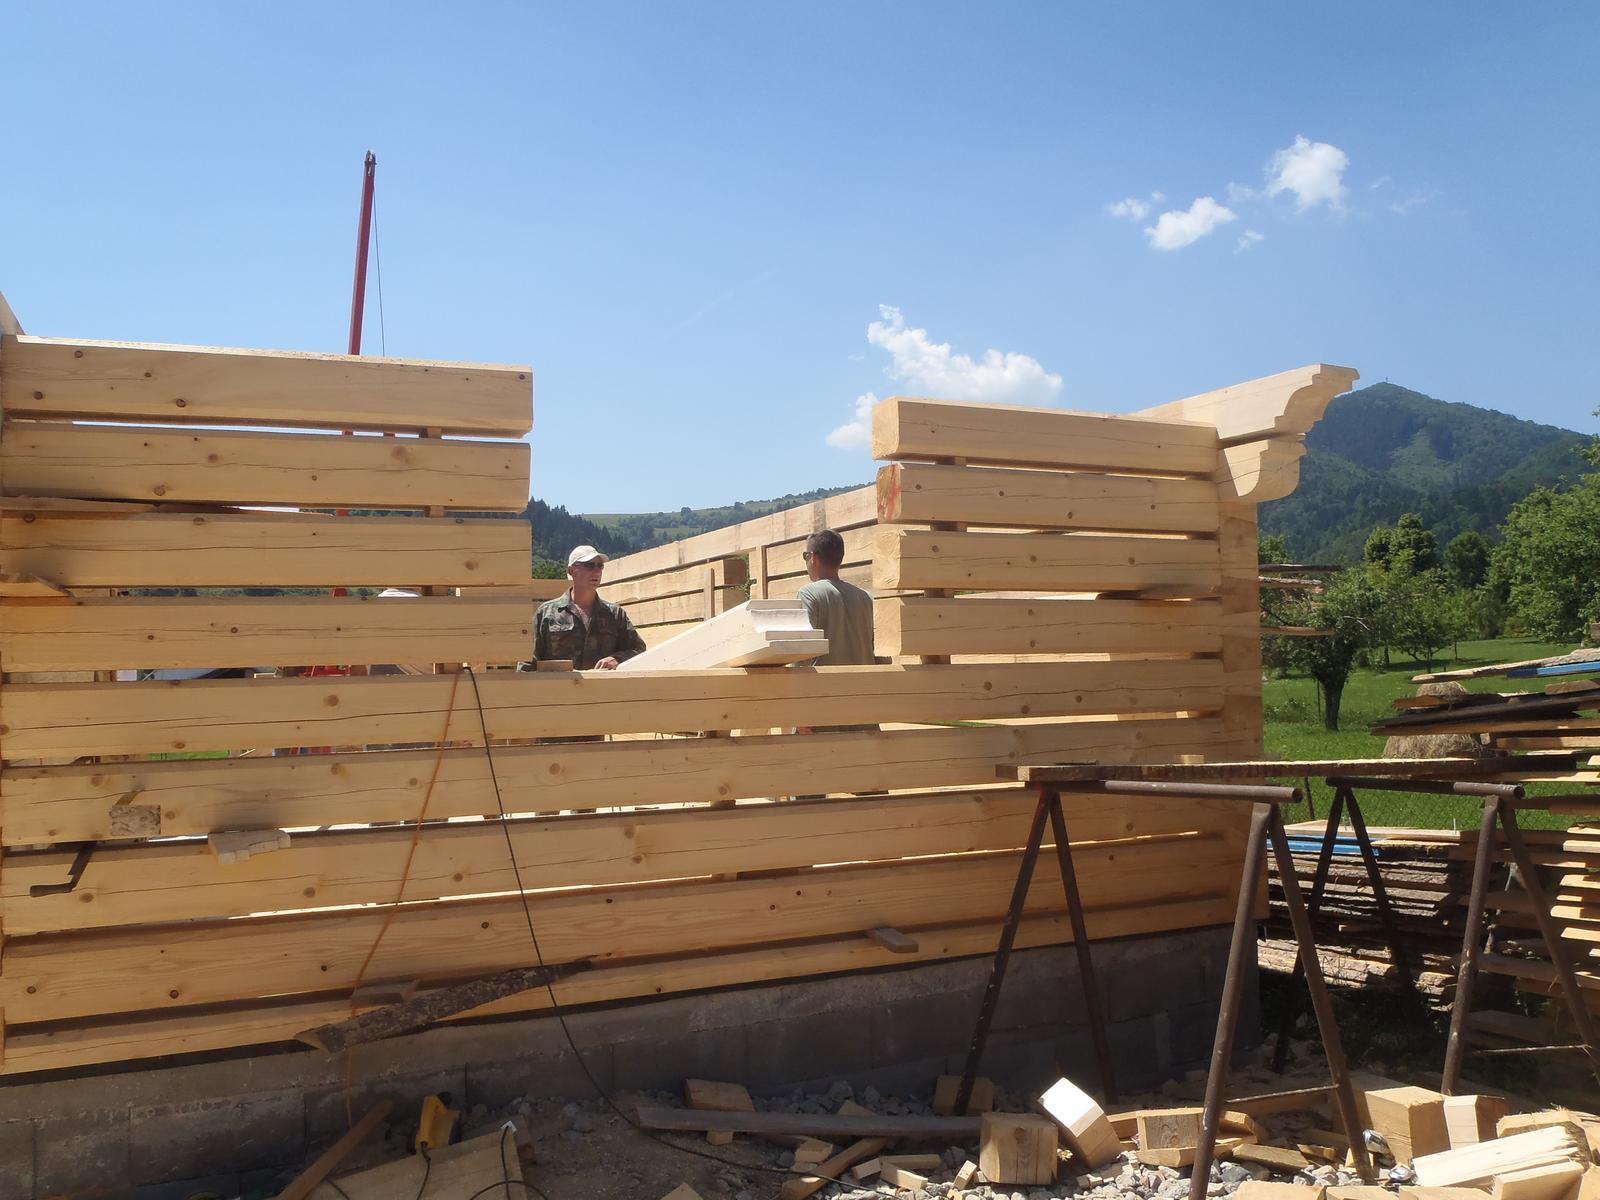 Náš veľký sen o drevenom domčeku! - Obrázok č. 79